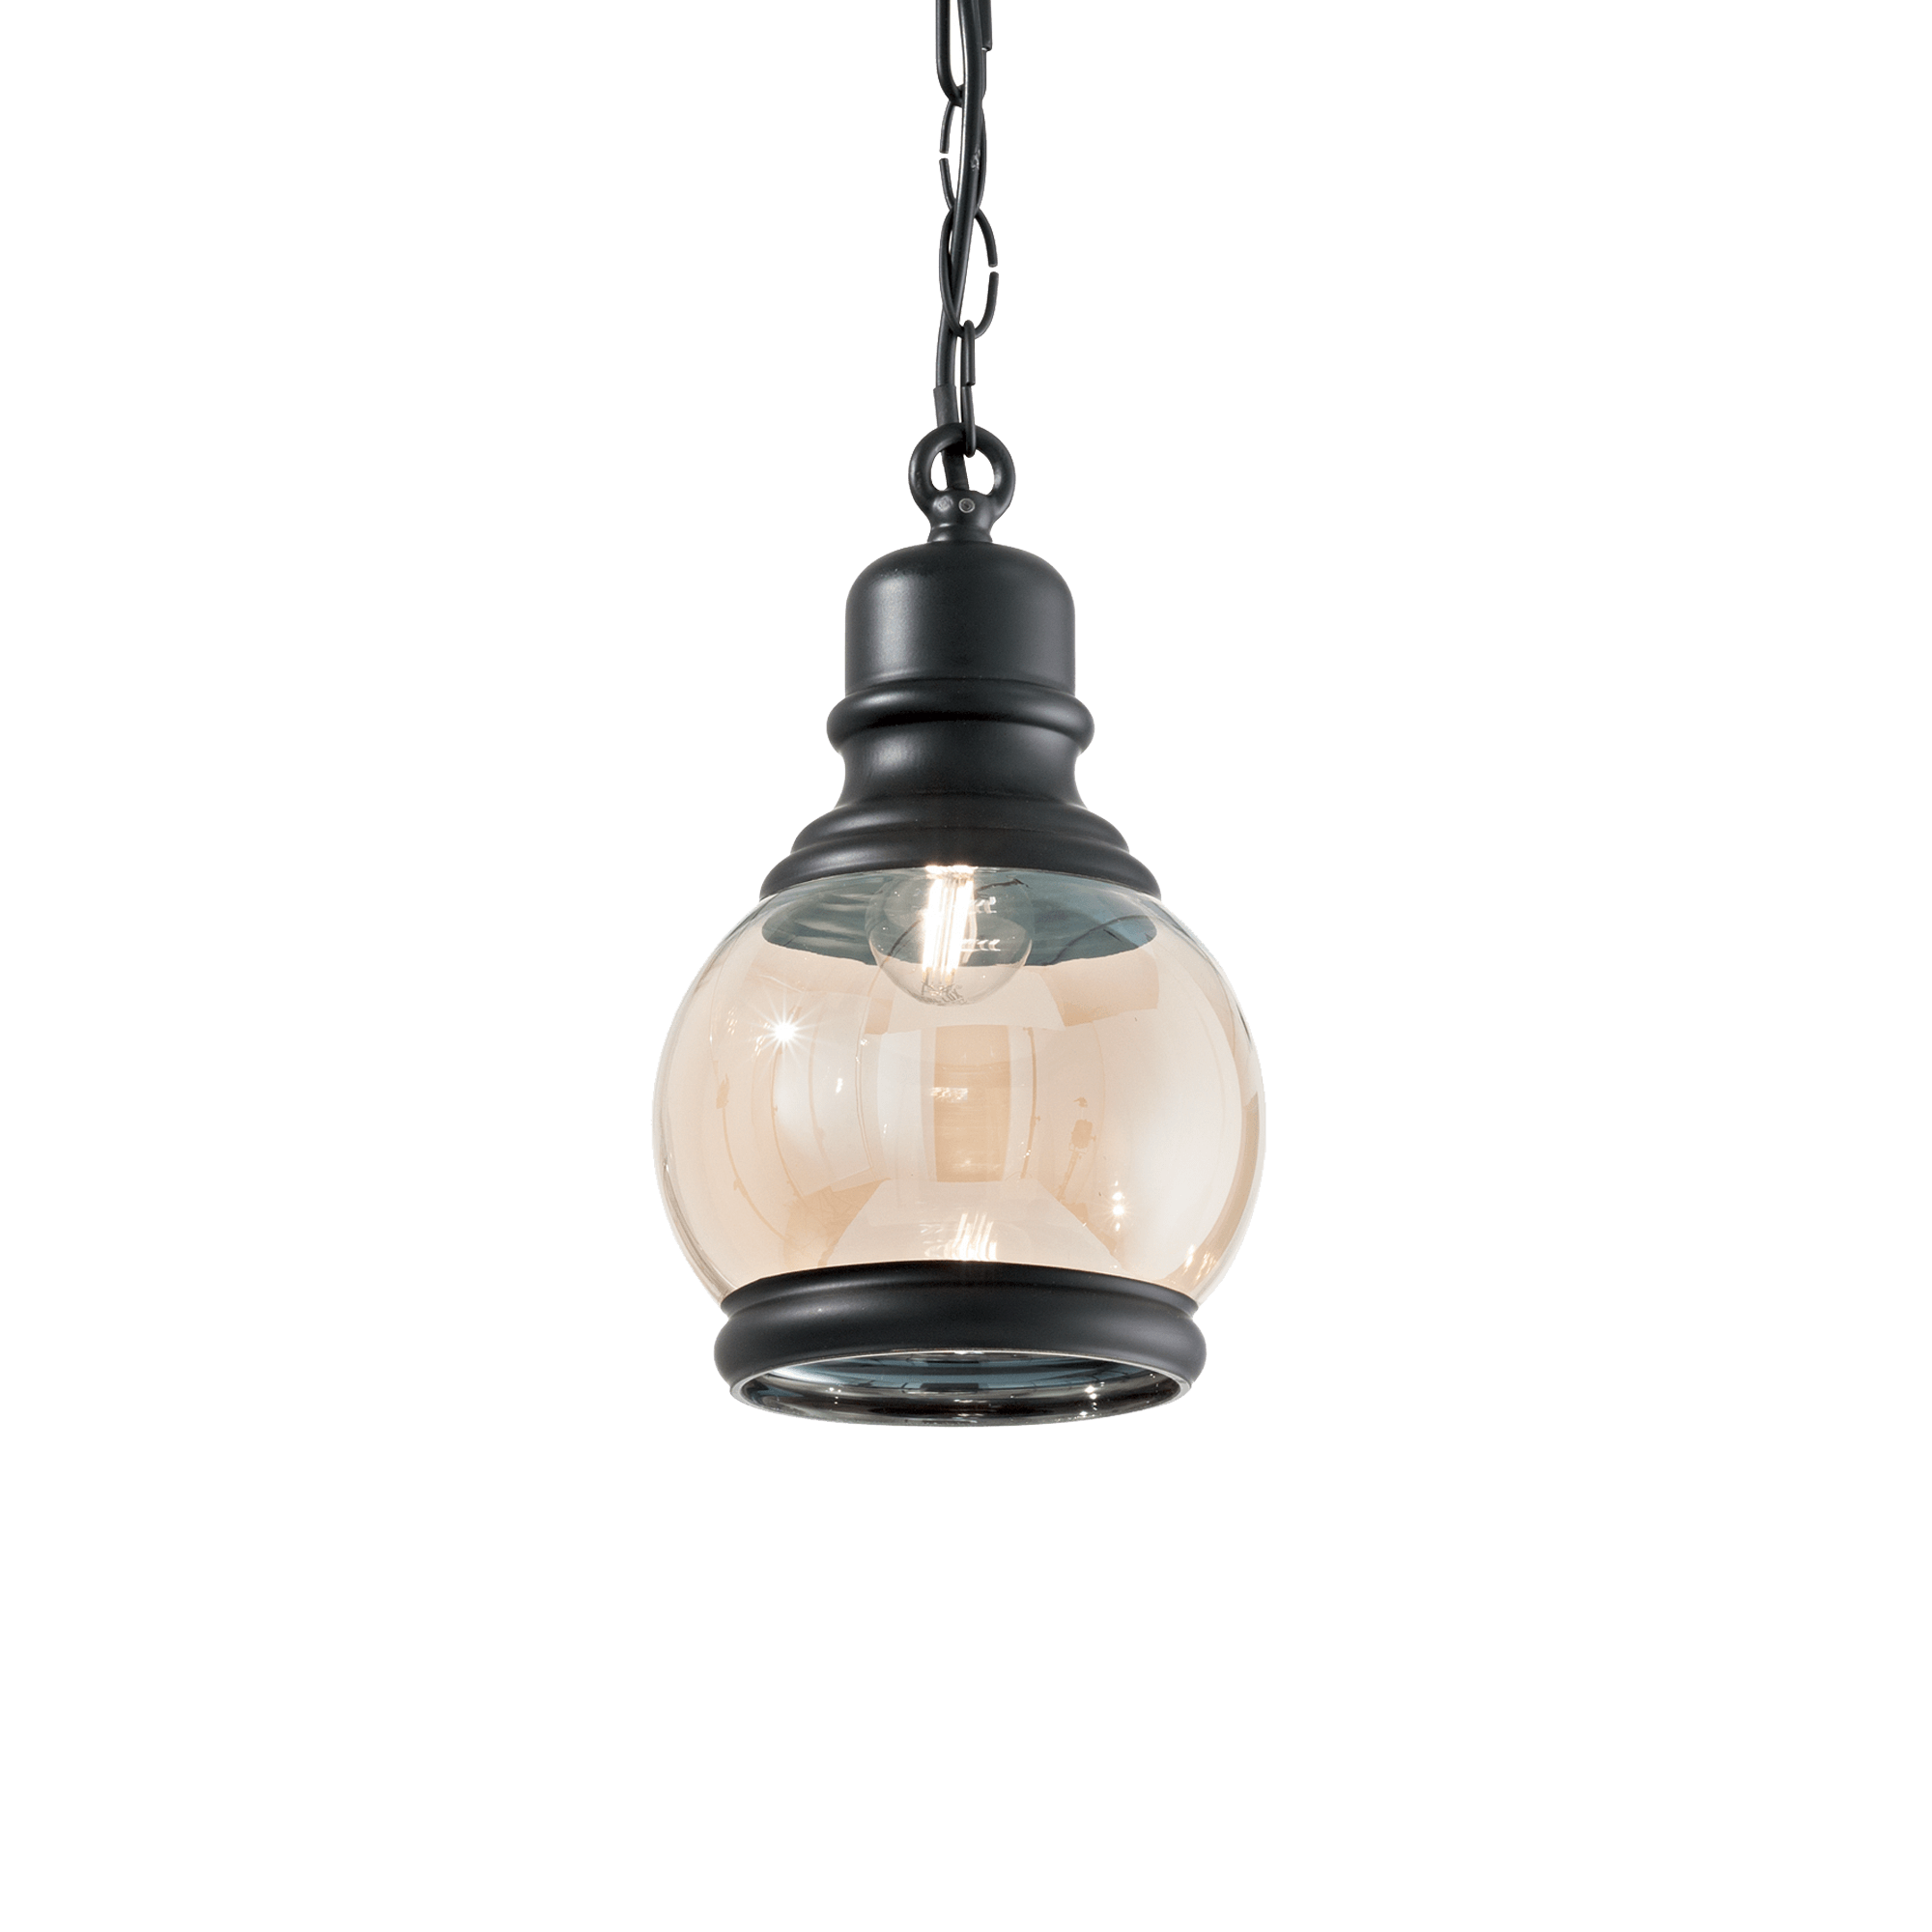 Ideal Lux 168579 HANSEL SP1 ROUND függeszték